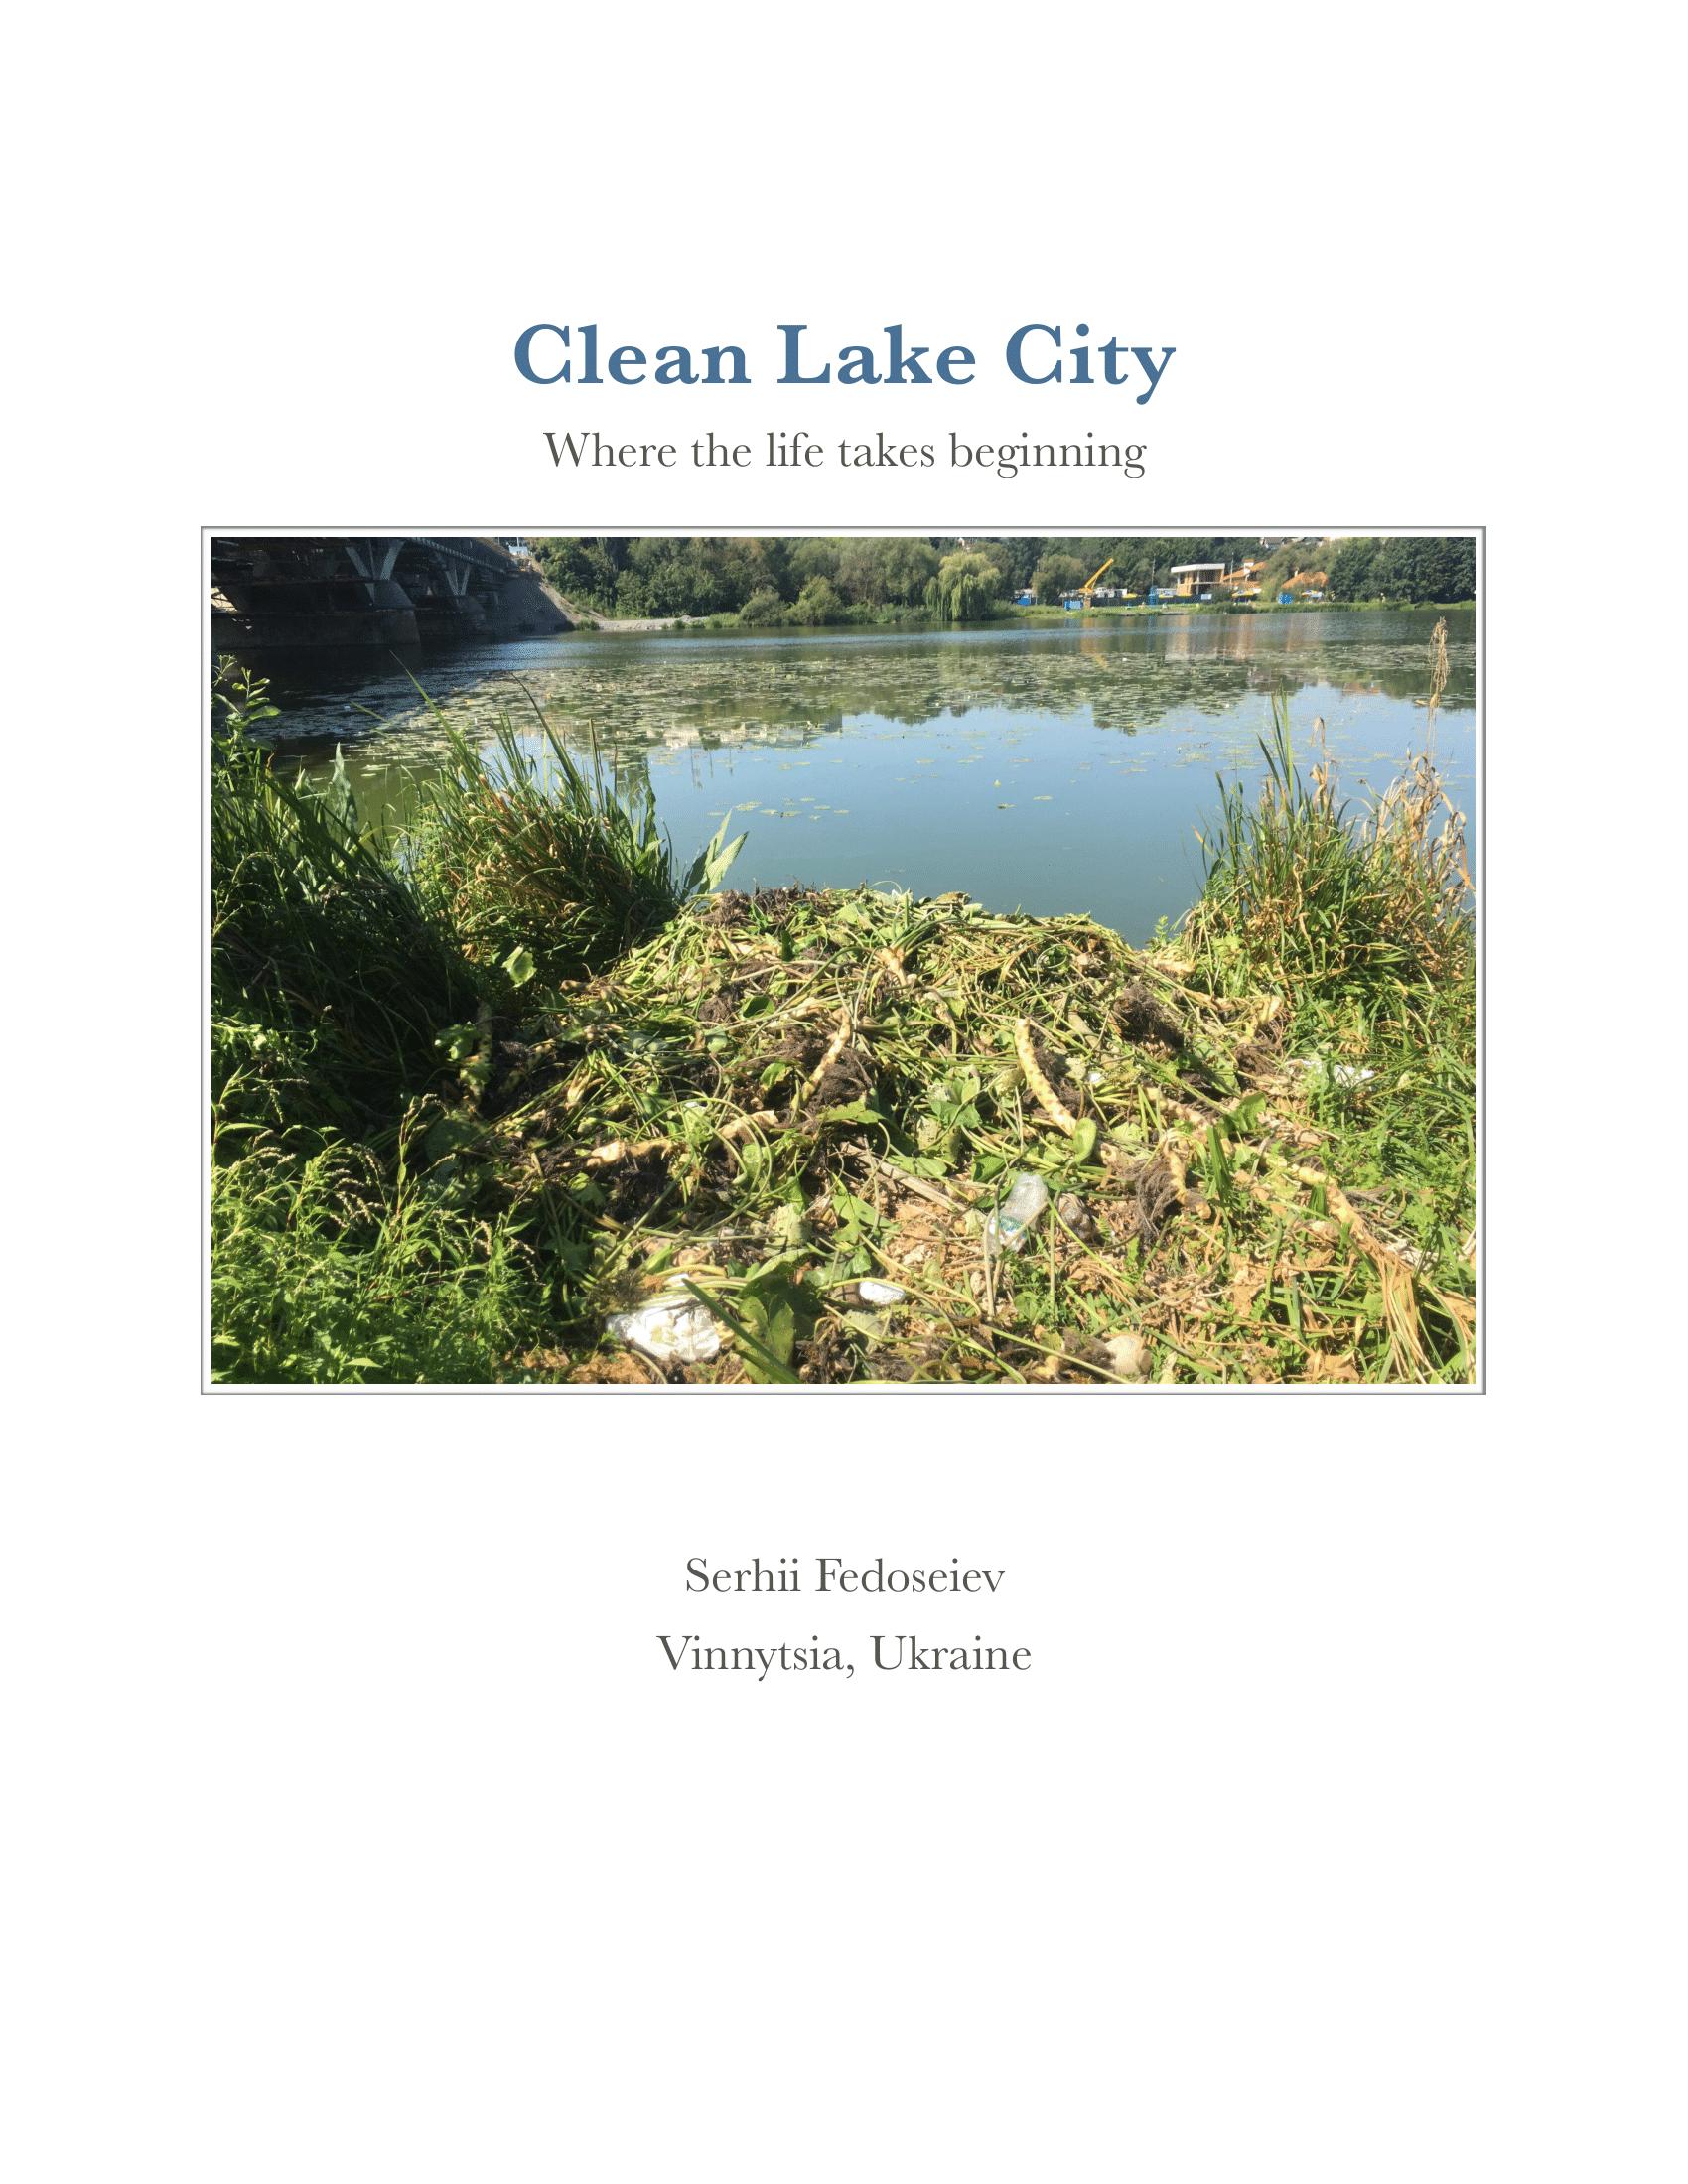 Serhii.F - Clean Lake City - Serhii Fedoseiev-1.png